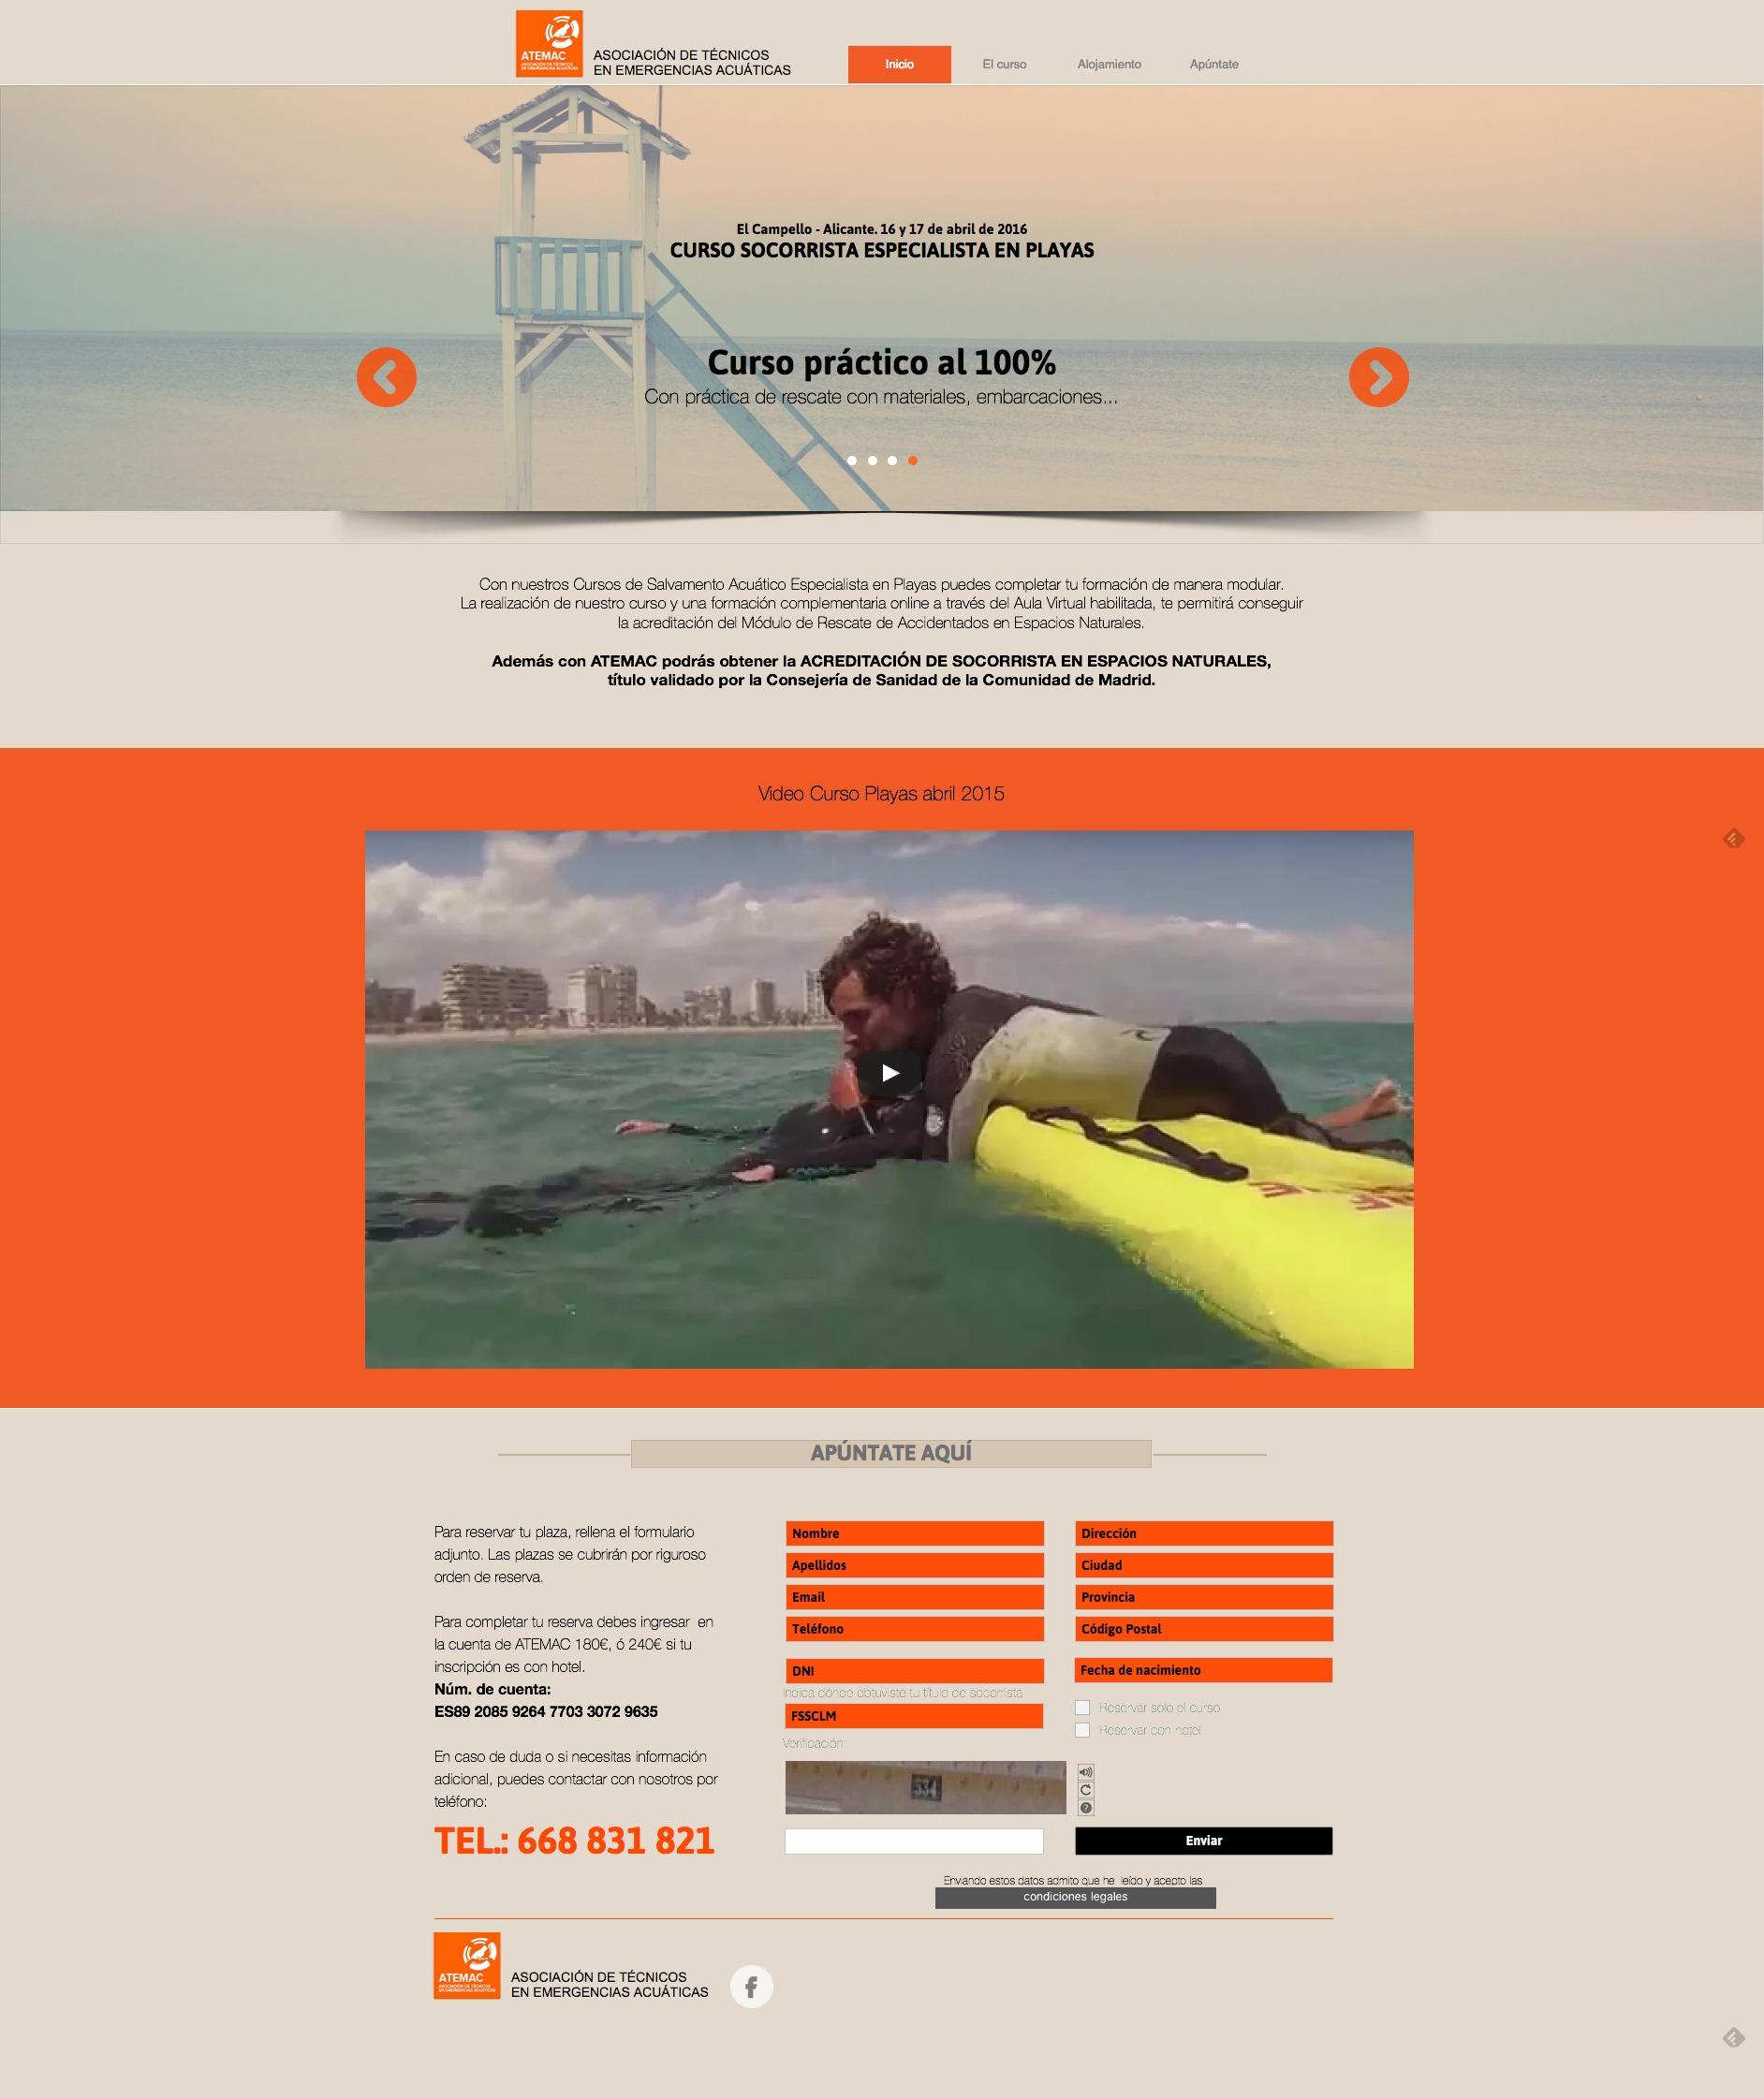 Captura de pantalla completa de Atemac curso especialista en playas